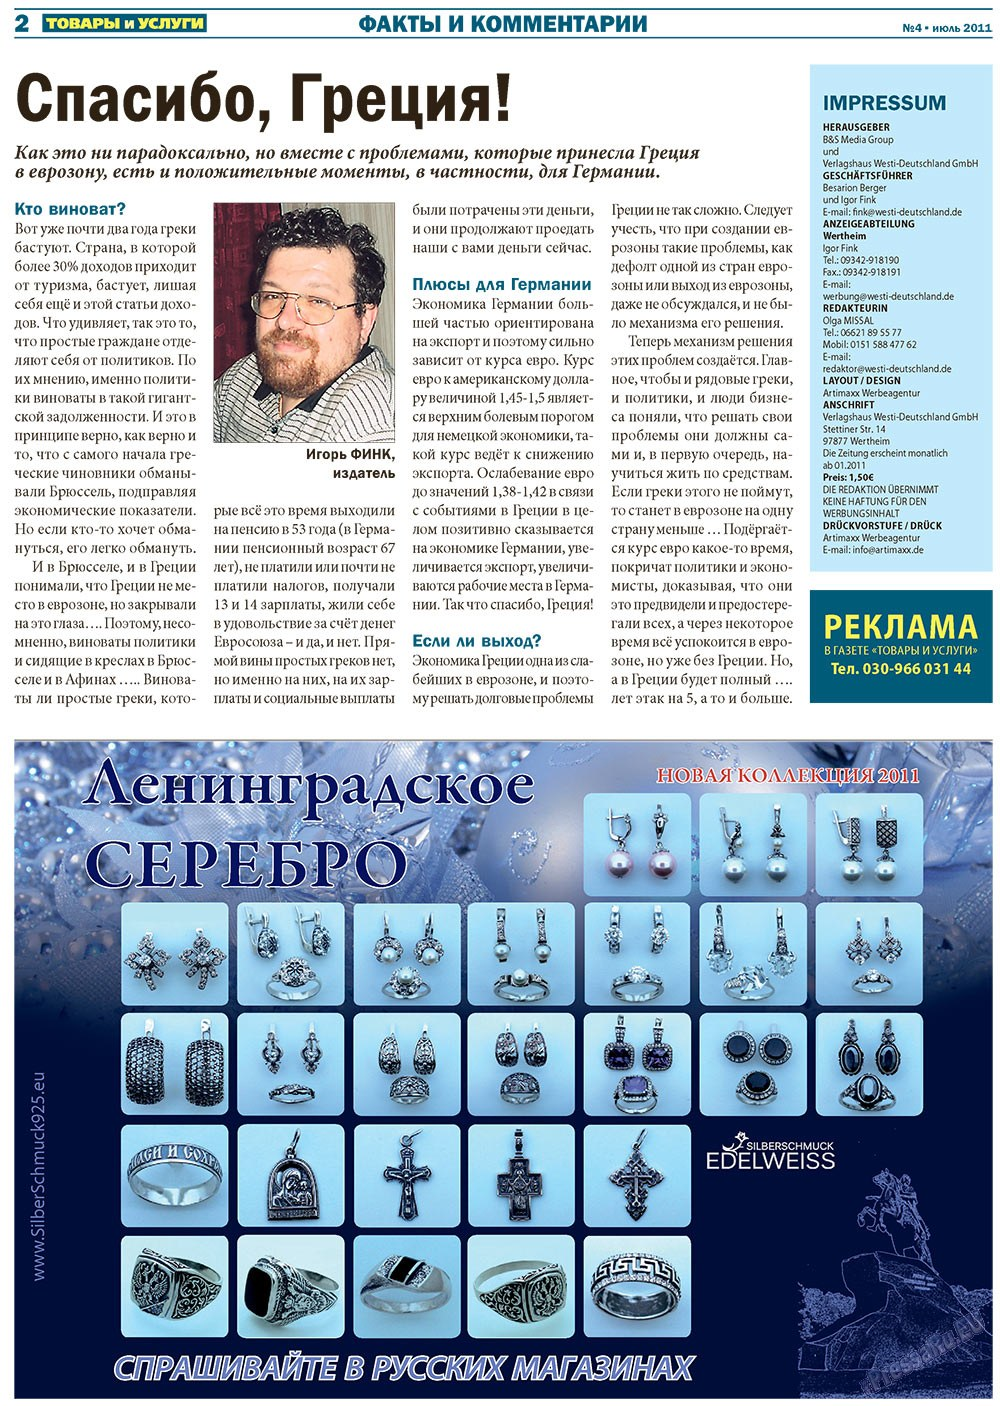 Товары и услуги (газета). 2011 год, номер 4, стр. 2